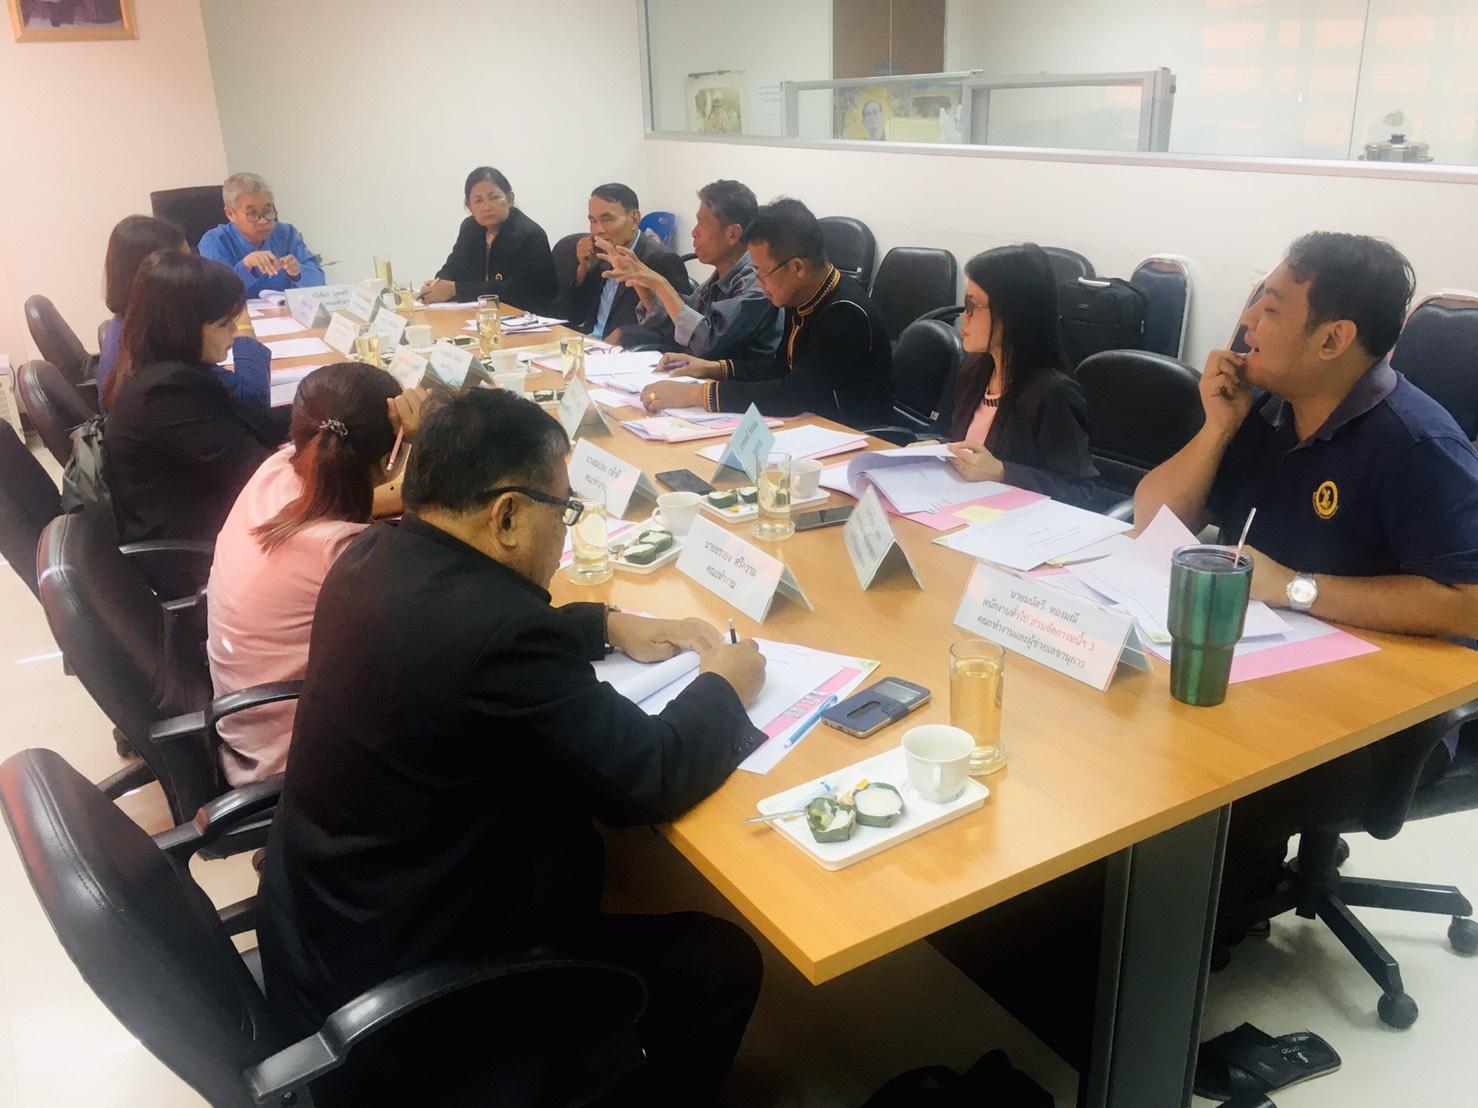 ประชุมคณะทำงานตรวจสอบรายชื่อฯ ก่อนการชำระหนี้แทน